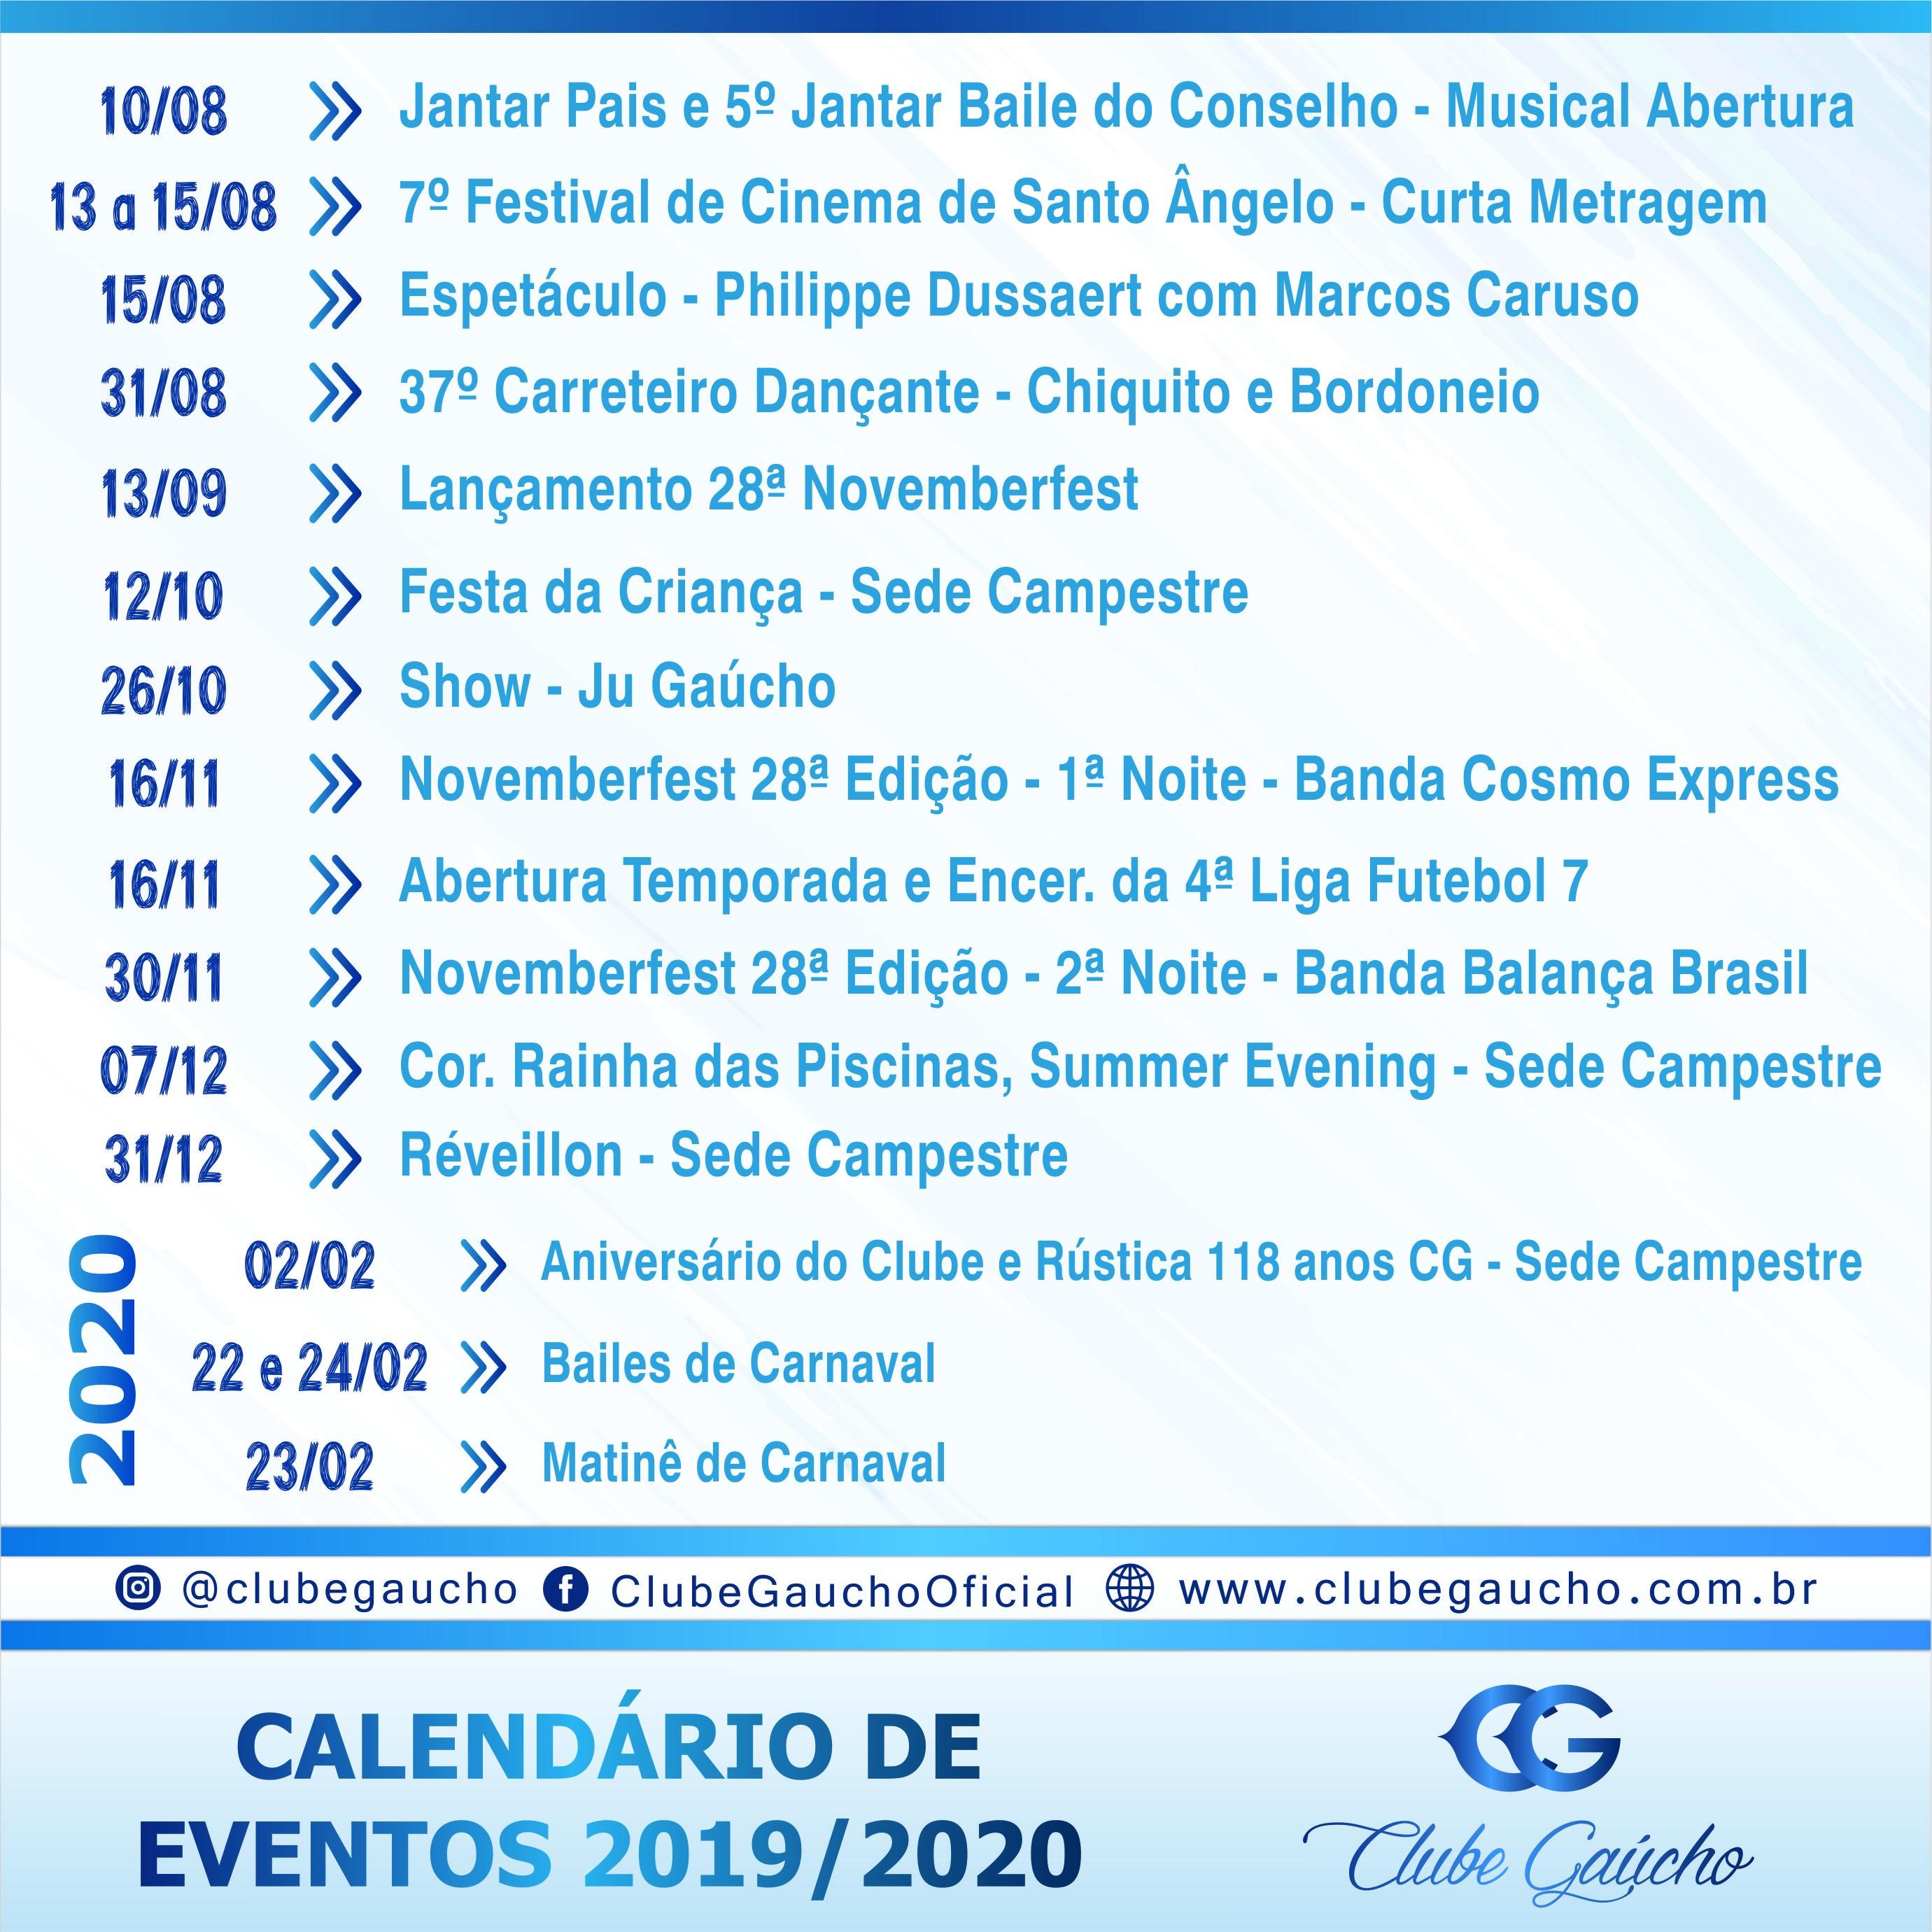 Calendario 2020 Oficial Más Recientemente Liberado Calendario 2019 Br Arparis Of Calendario 2020 Oficial Más Recientes 11 Best Calendario Enero 2019 Argentina Images